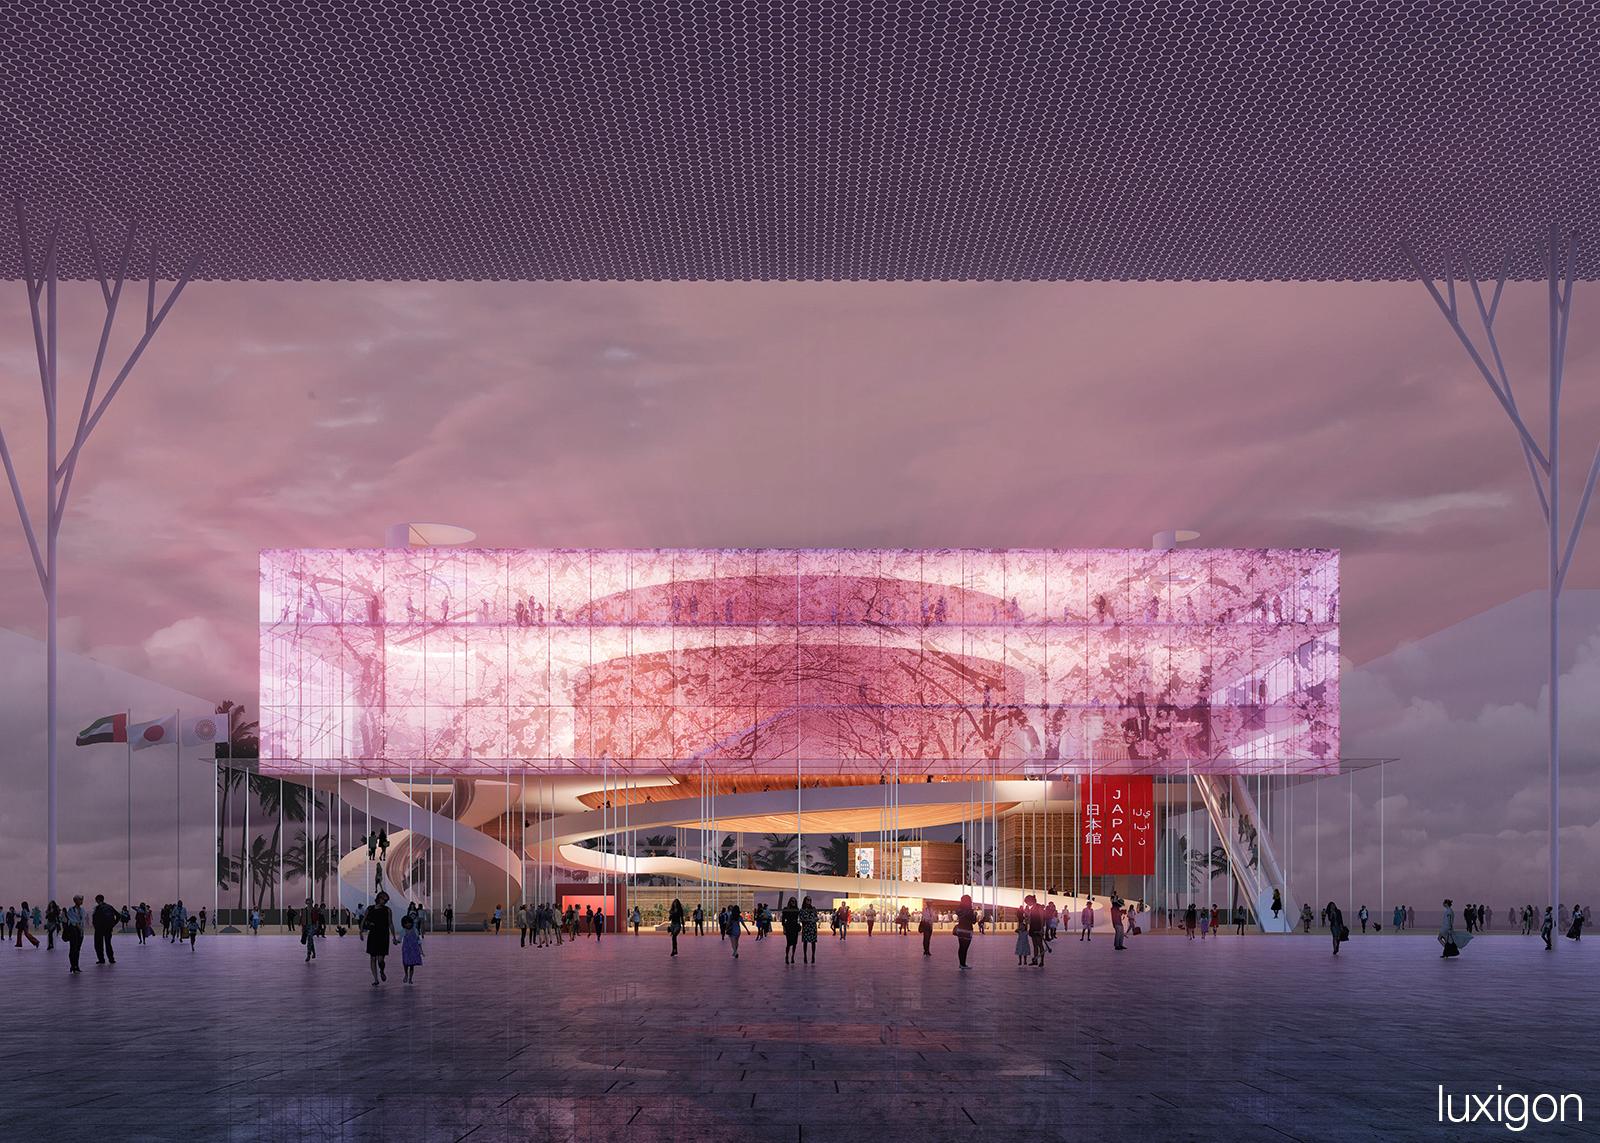 ADK + Mikan + ARIWRKS + ARUP Japan - Japanese Pavilion - Dubai, UAE